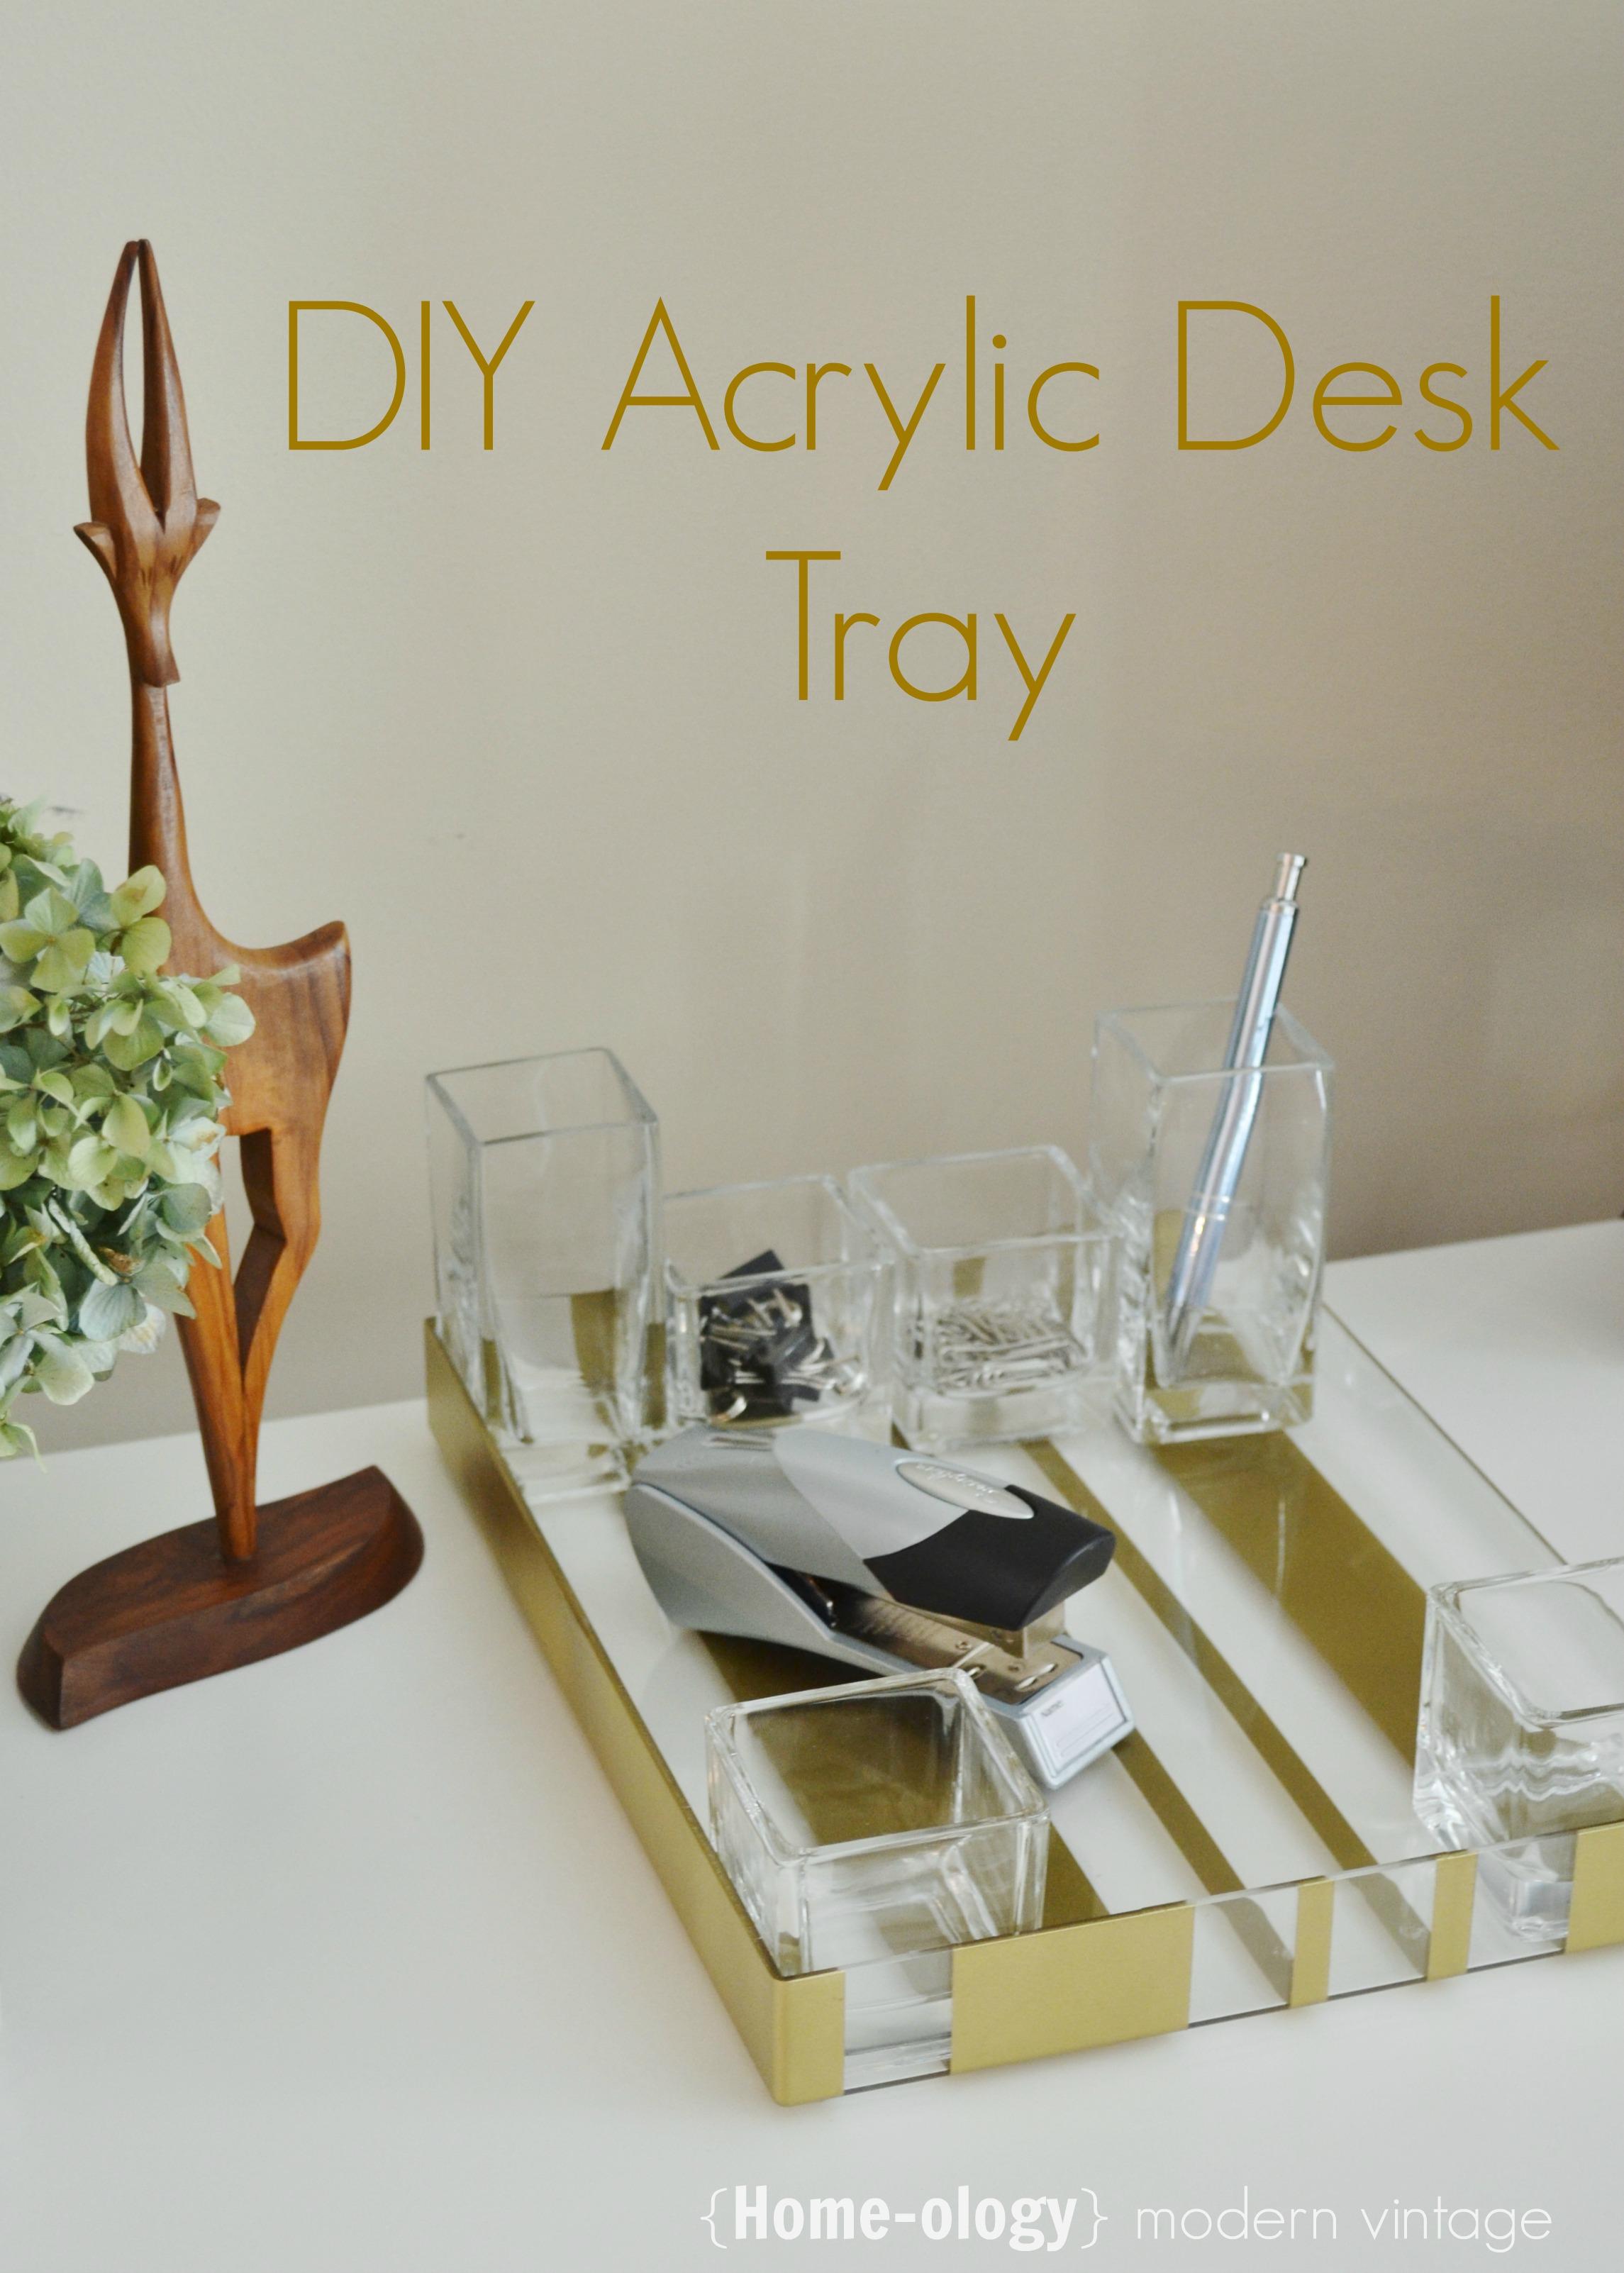 acrylic desk tray